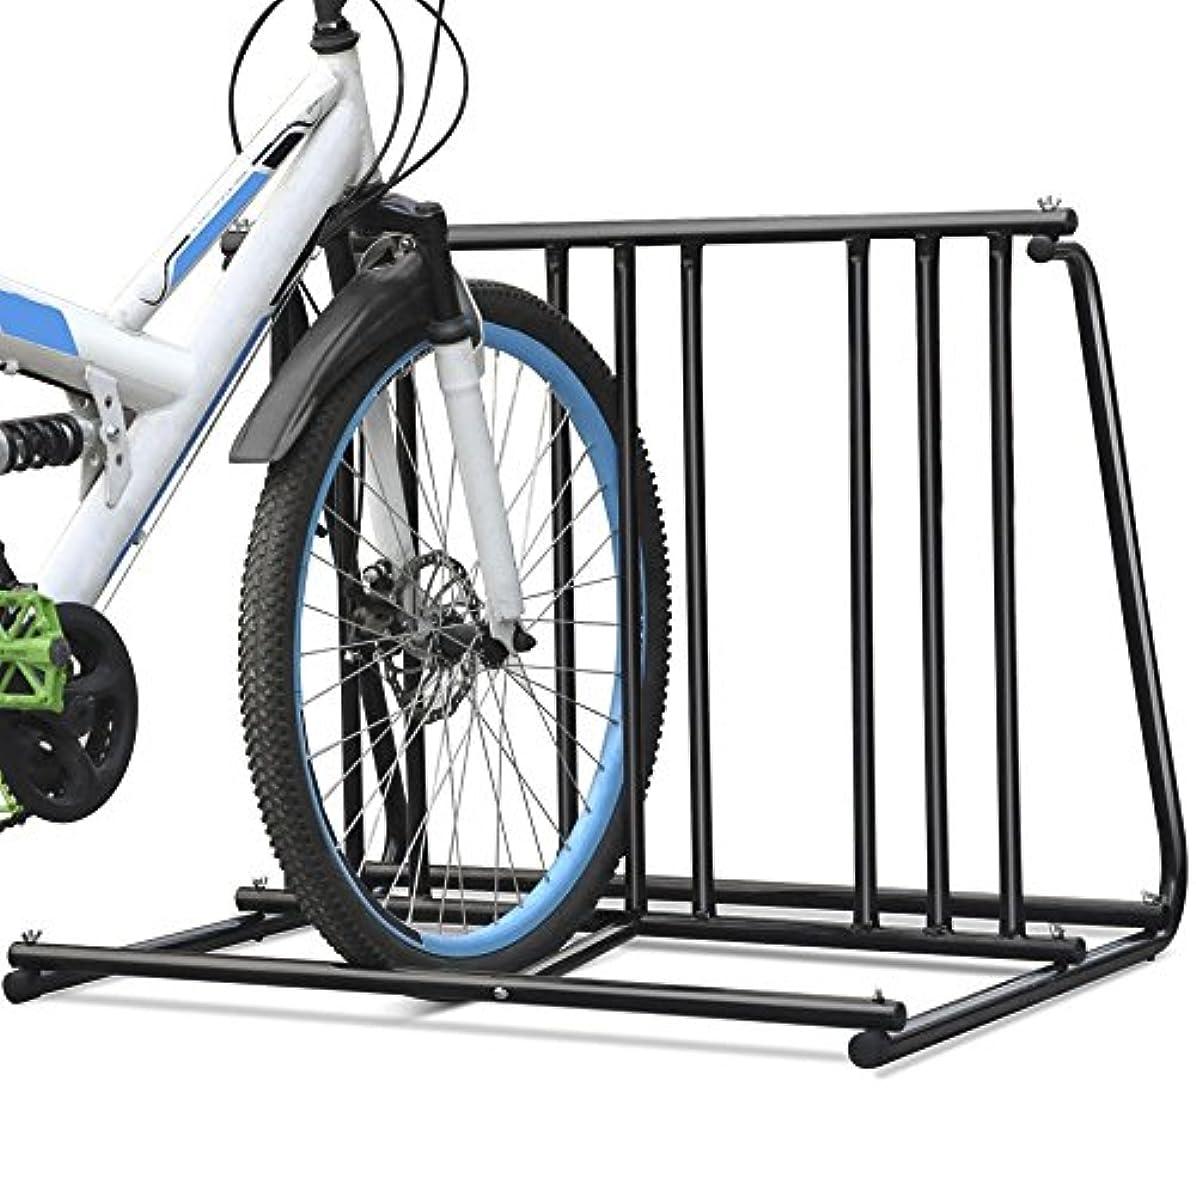 等価初心者コミットHd Steel 1-6 Bikes Floor Mount Bicycle Park Storage Parking Rack Stand 2 3 4 5 by Brand New